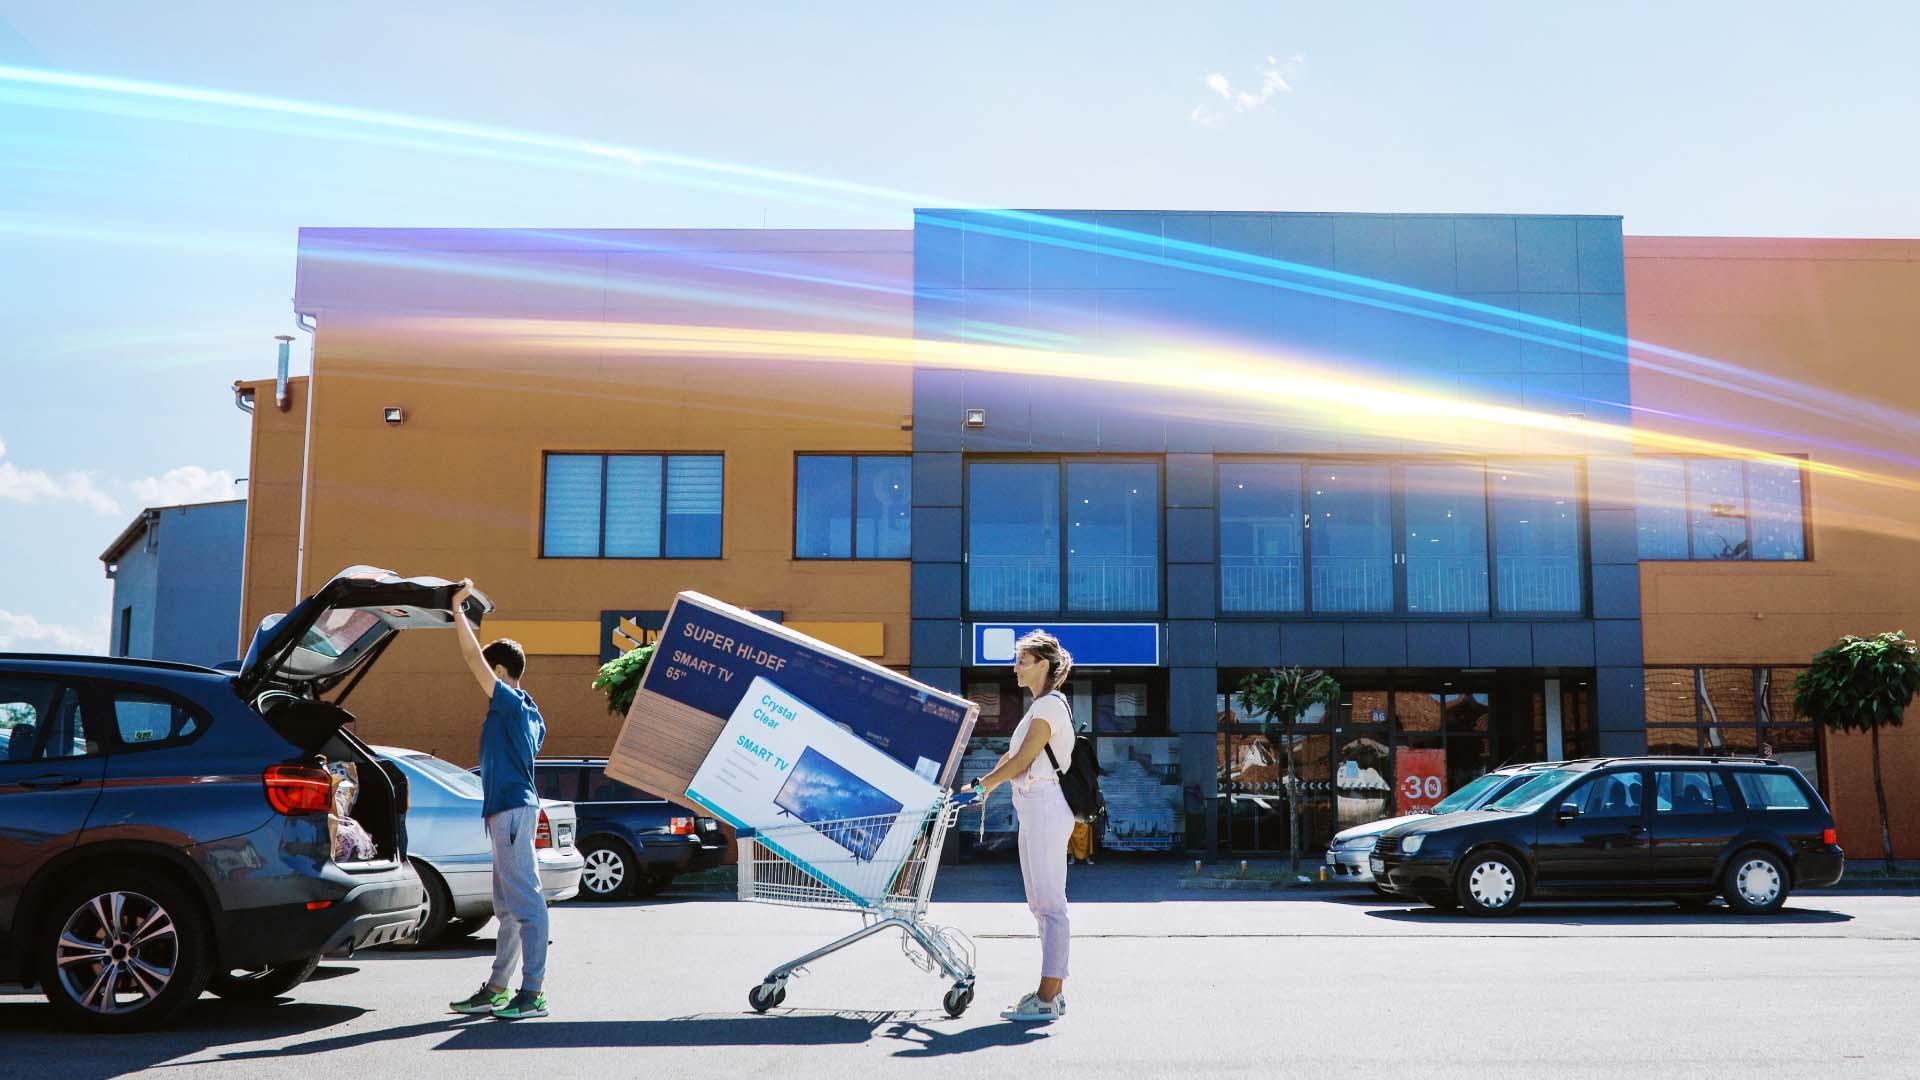 「世界最大の小売業」ウォルマートのデジタルトランスフォーメーションと日本企業への示唆